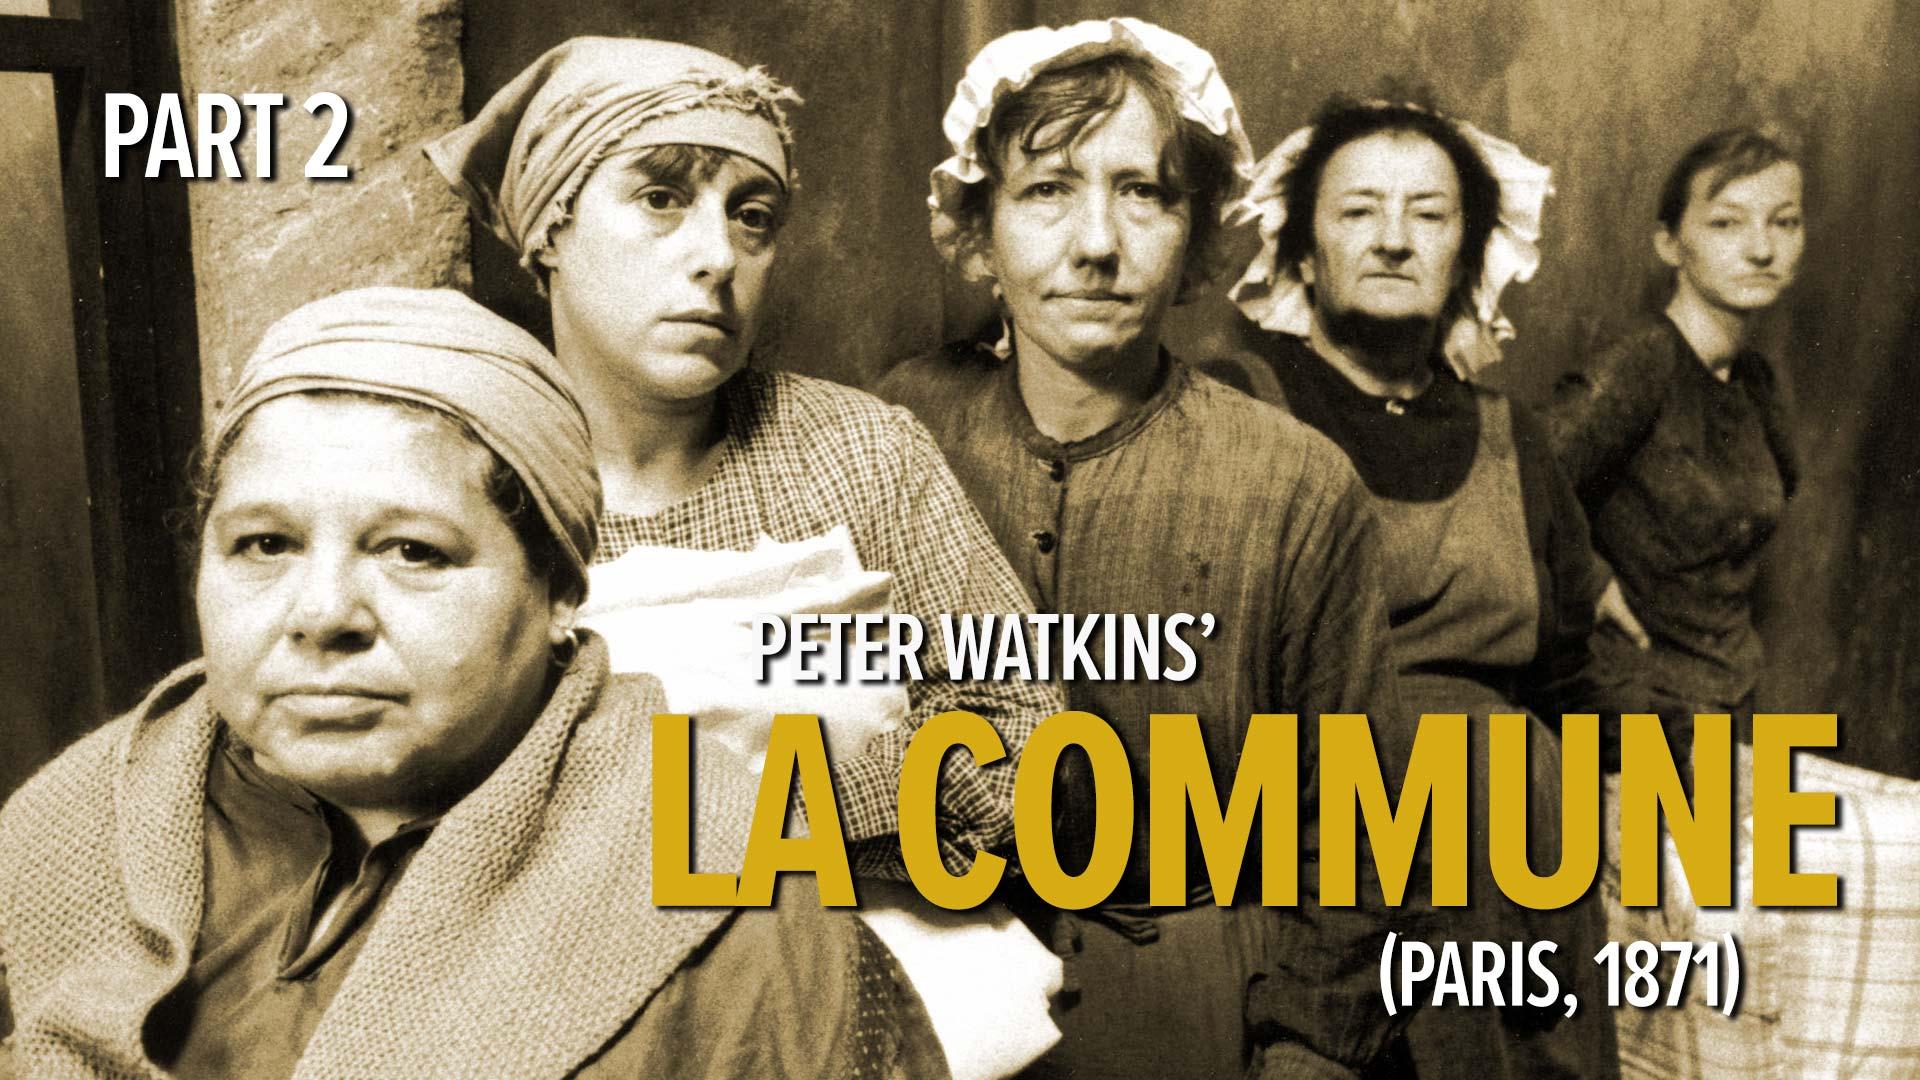 La Commune (Paris 1871) Part 2 - image